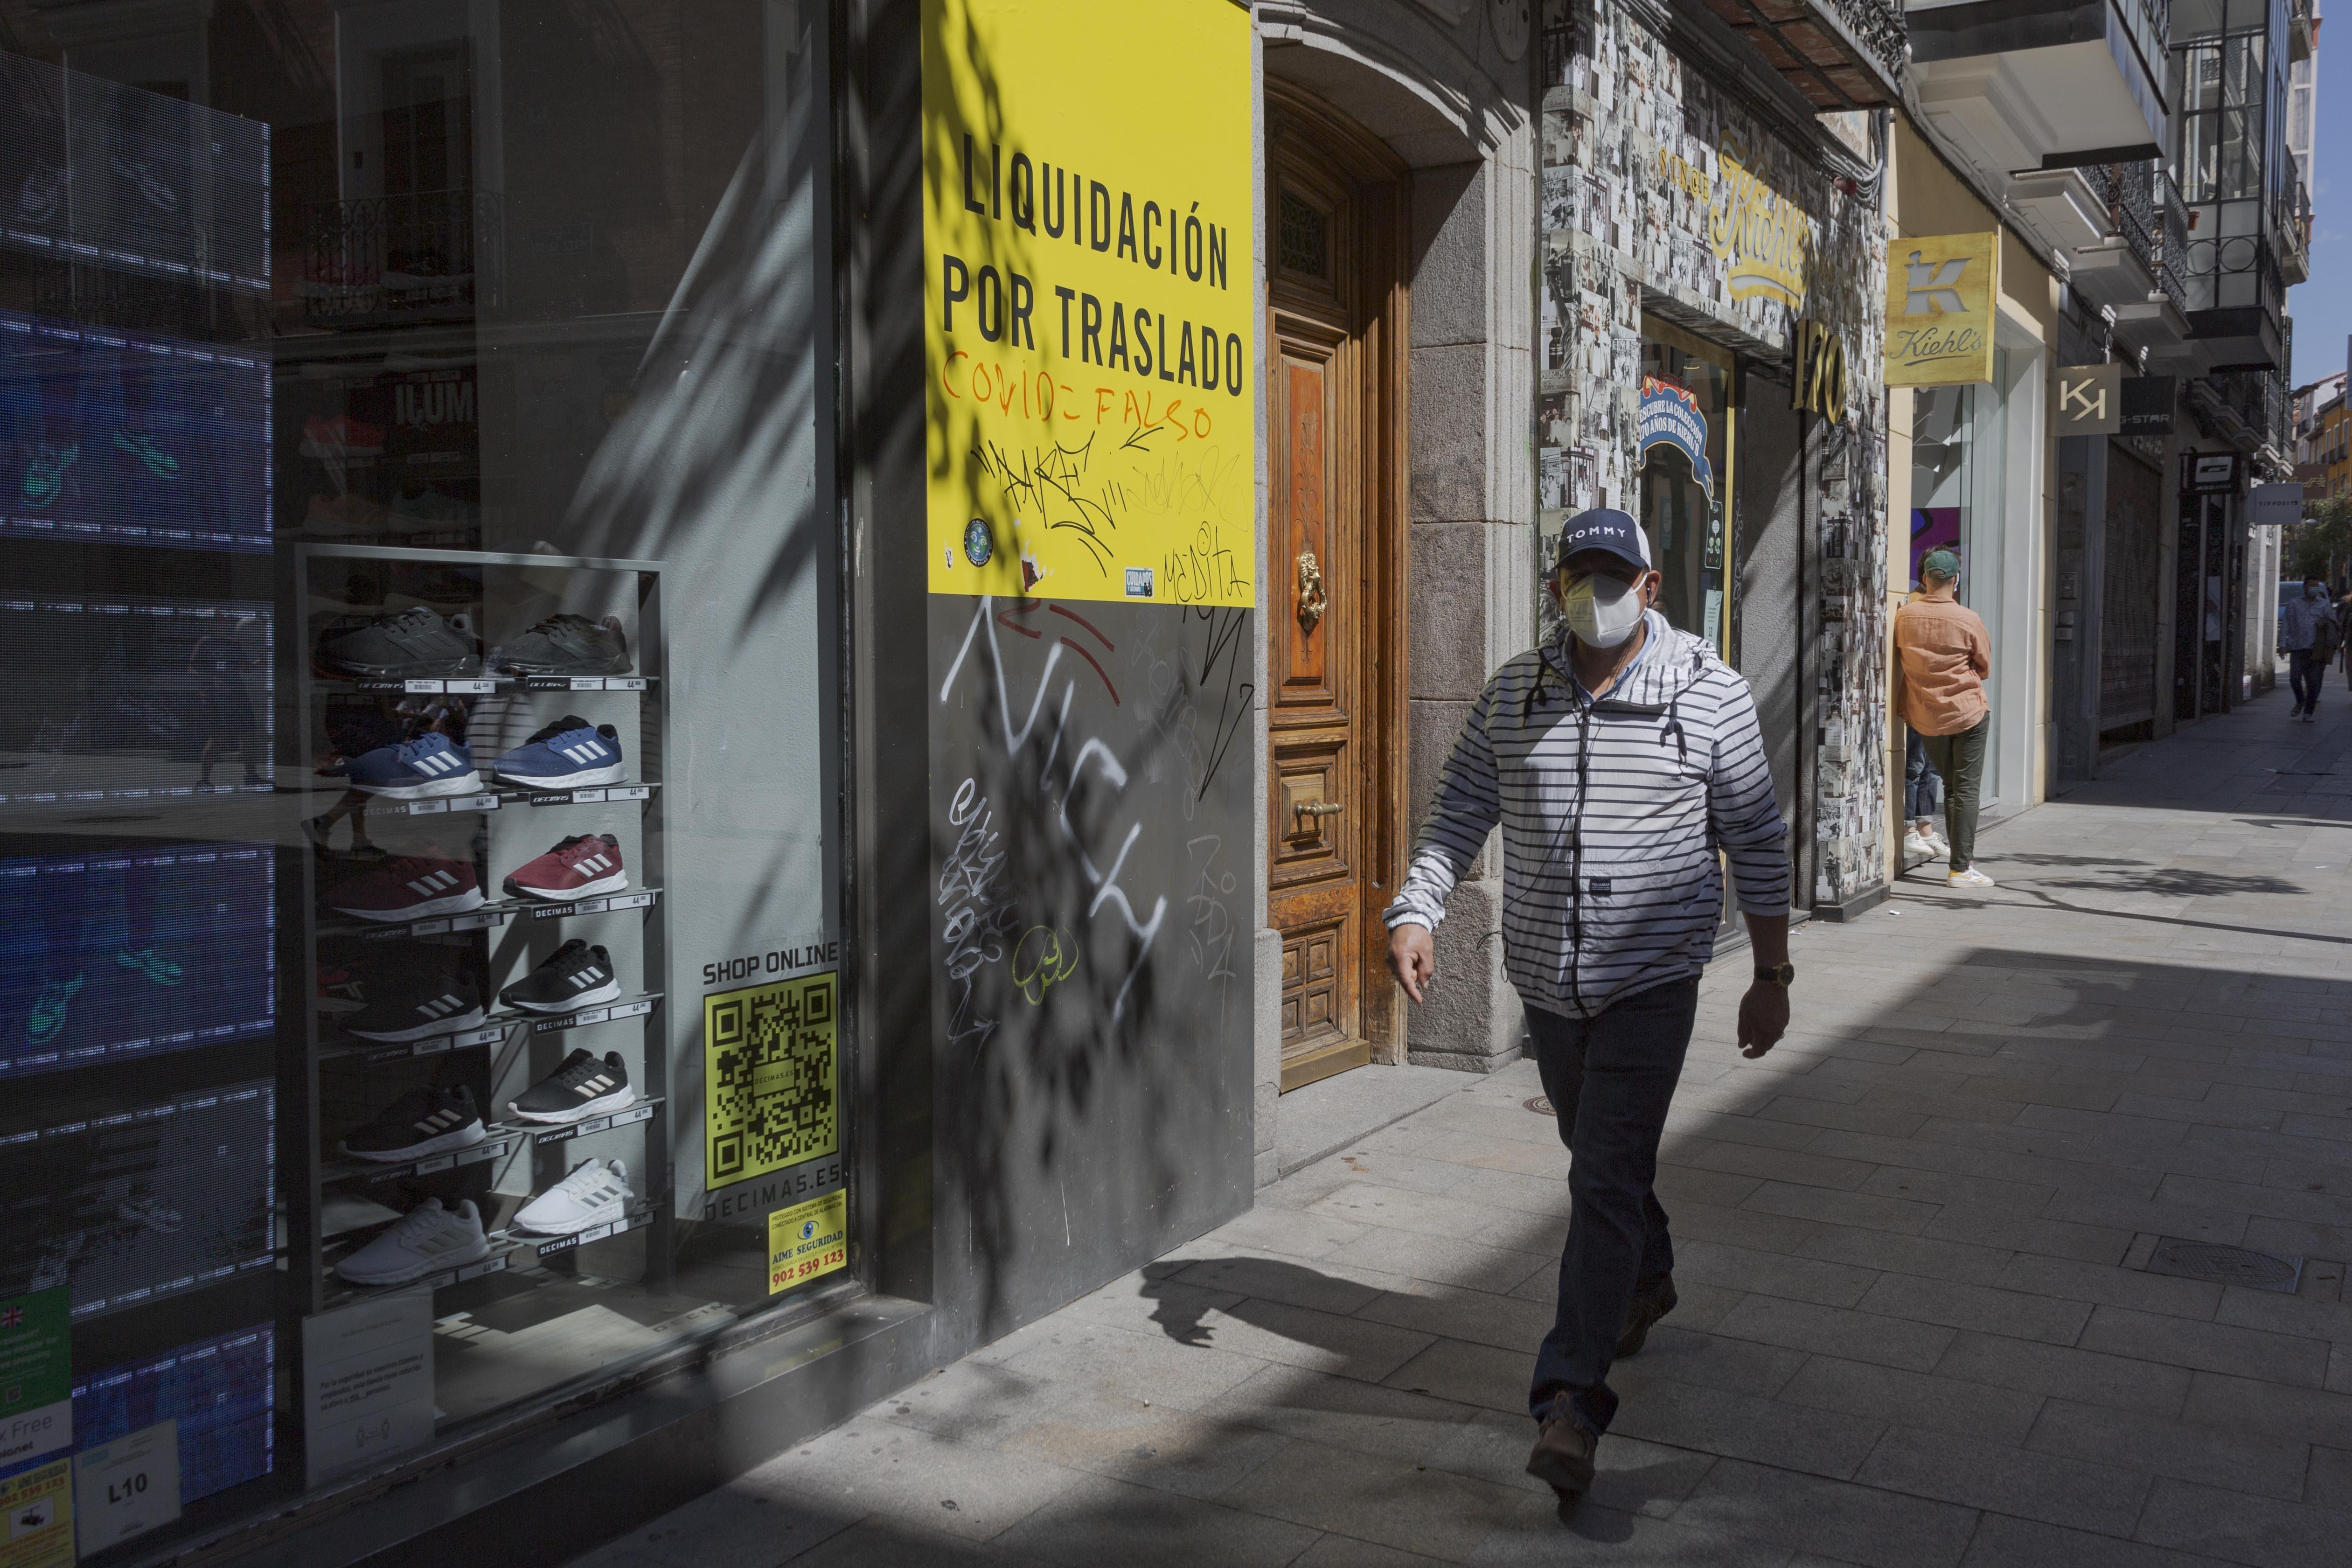 Tienda en liquidación por traslado en la calle Fuencarral de Madrid.